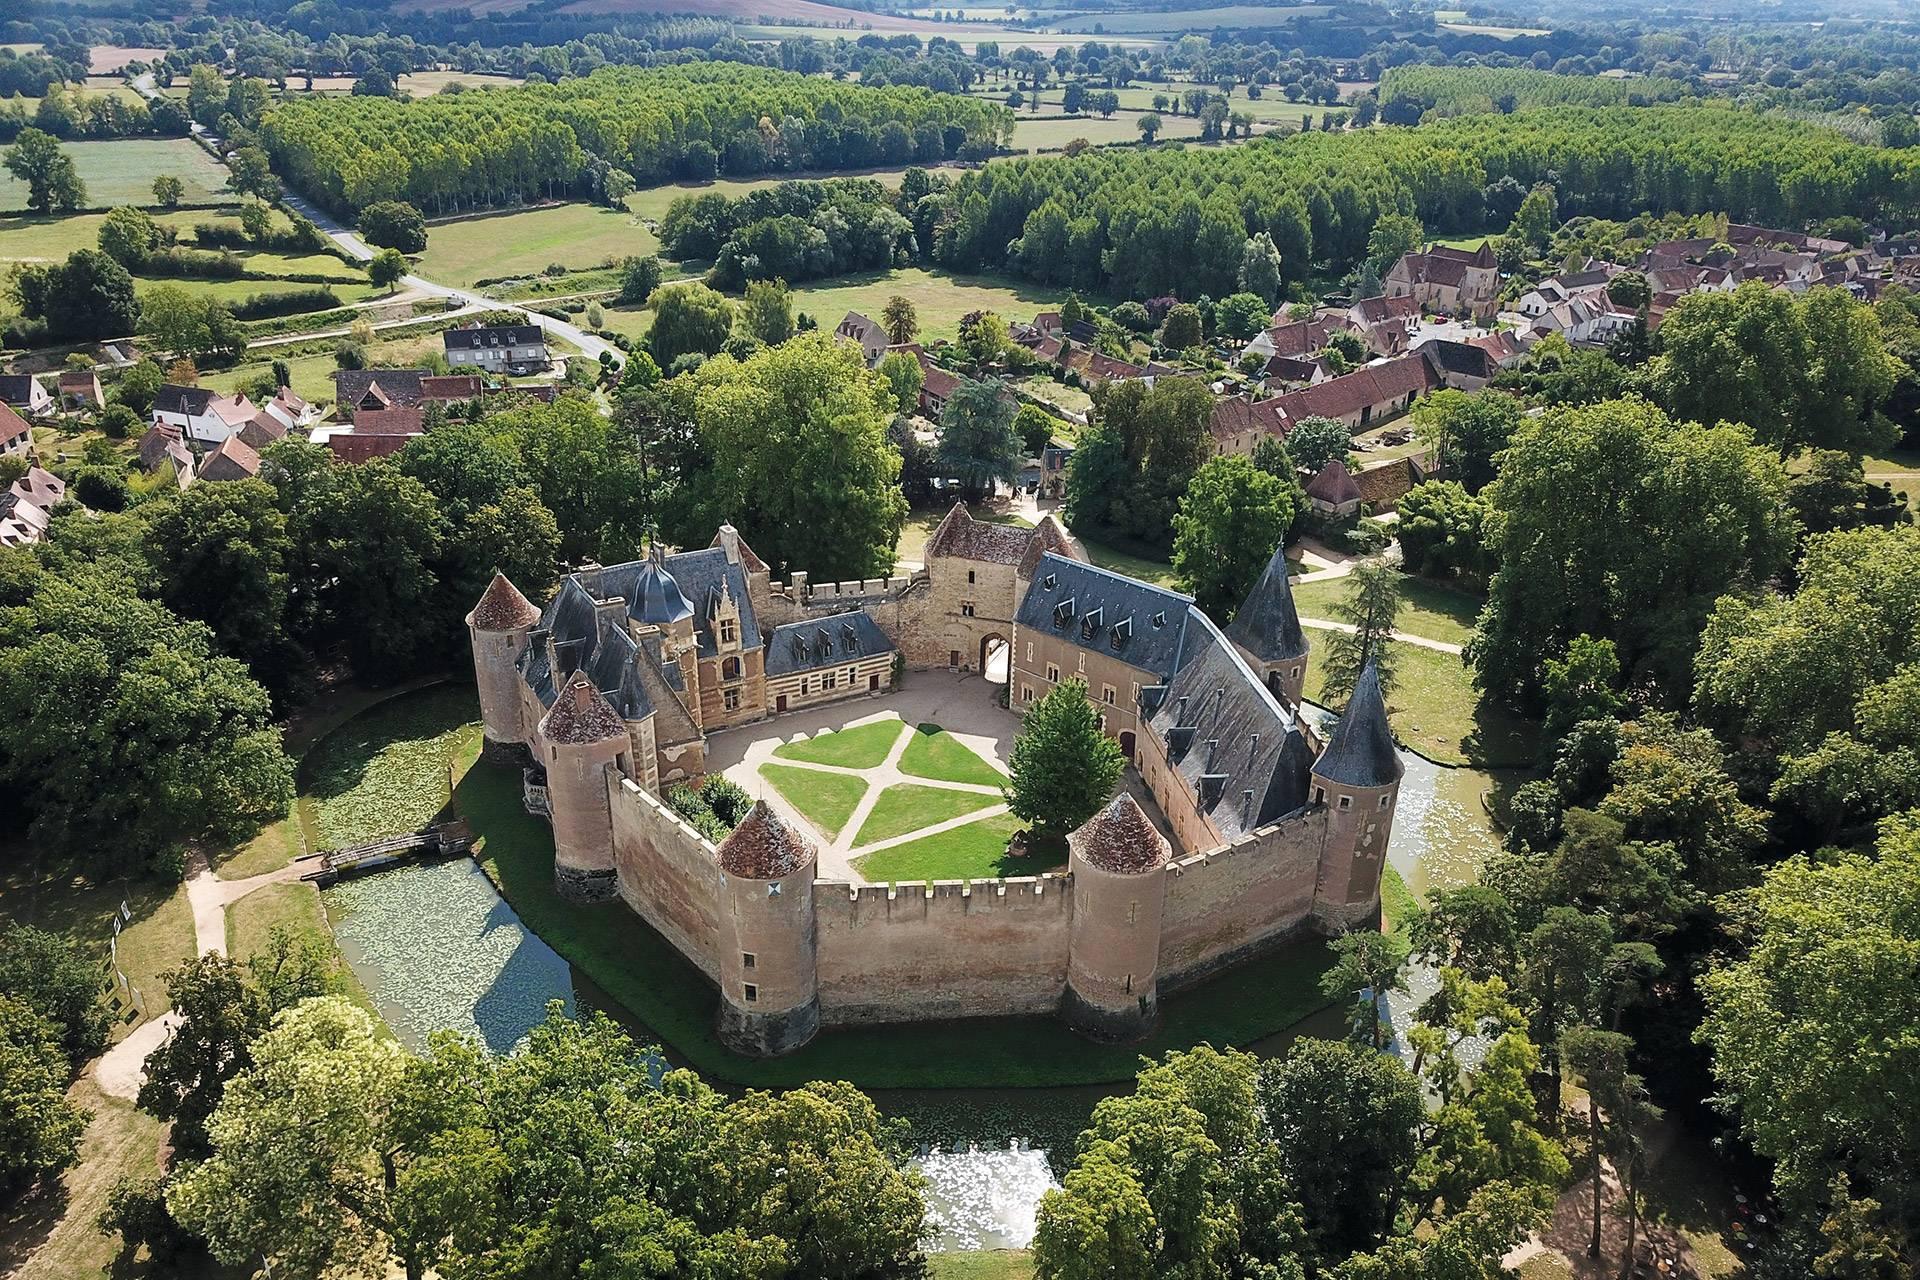 Vue aérienne château d'Ainay-le-Vieil, avec douves et jardins